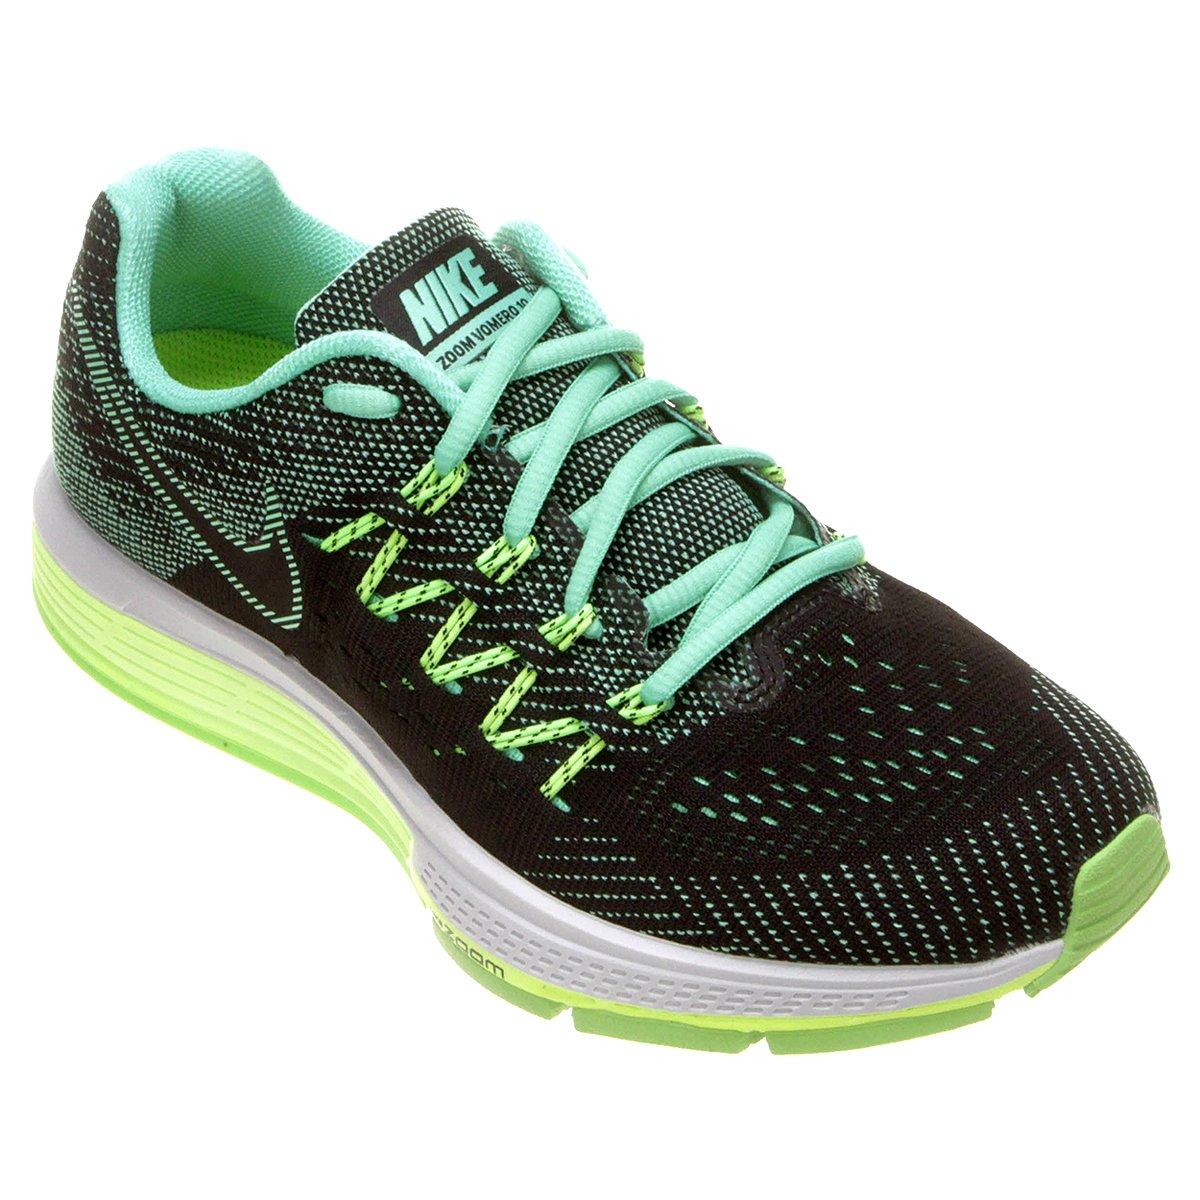 quality design 2ff5a 55b81 Tênis Nike Air Zoom Vomero 10 - Compre Agora   Loja do Inter